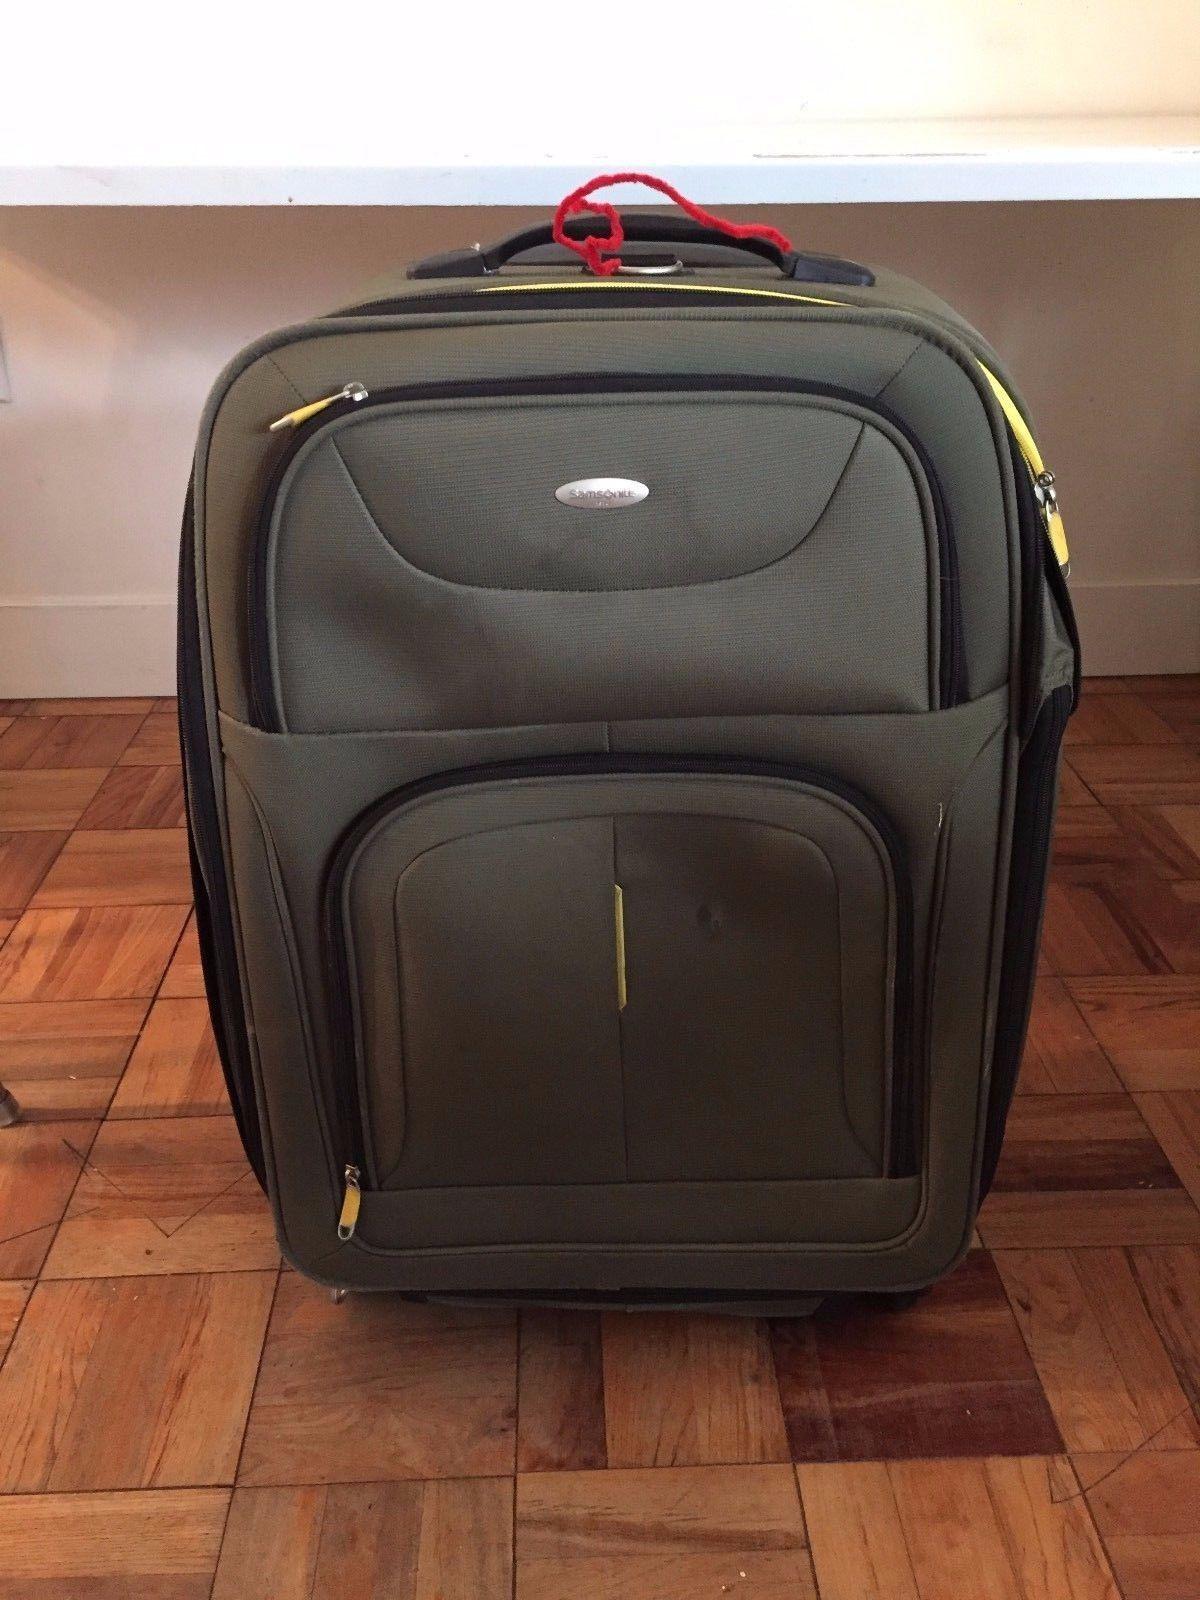 Samsonite Travel Luggage Suit Carry-On Hardside Hardside Suitcase Wheel Trolly